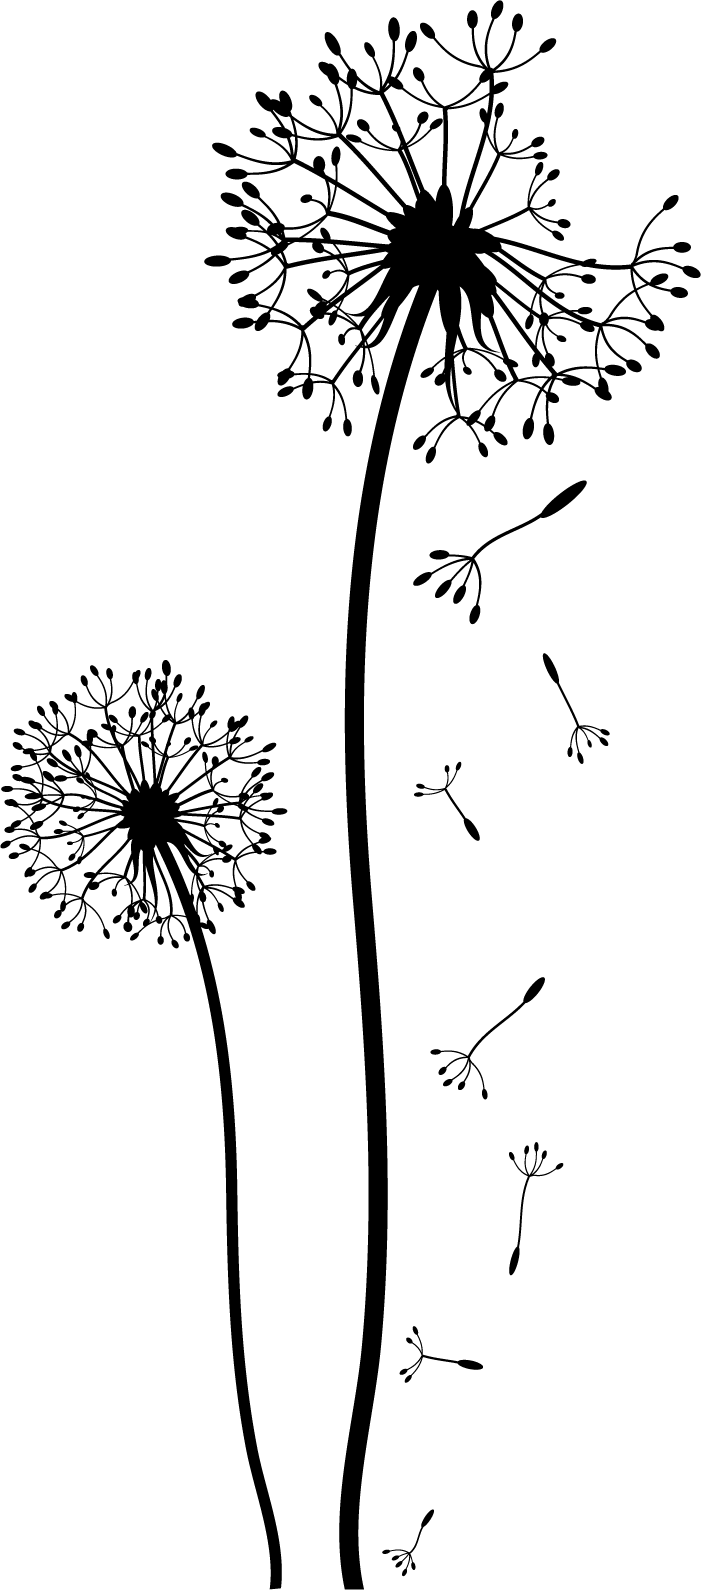 dandelion wall sticker - Google pretraživanje